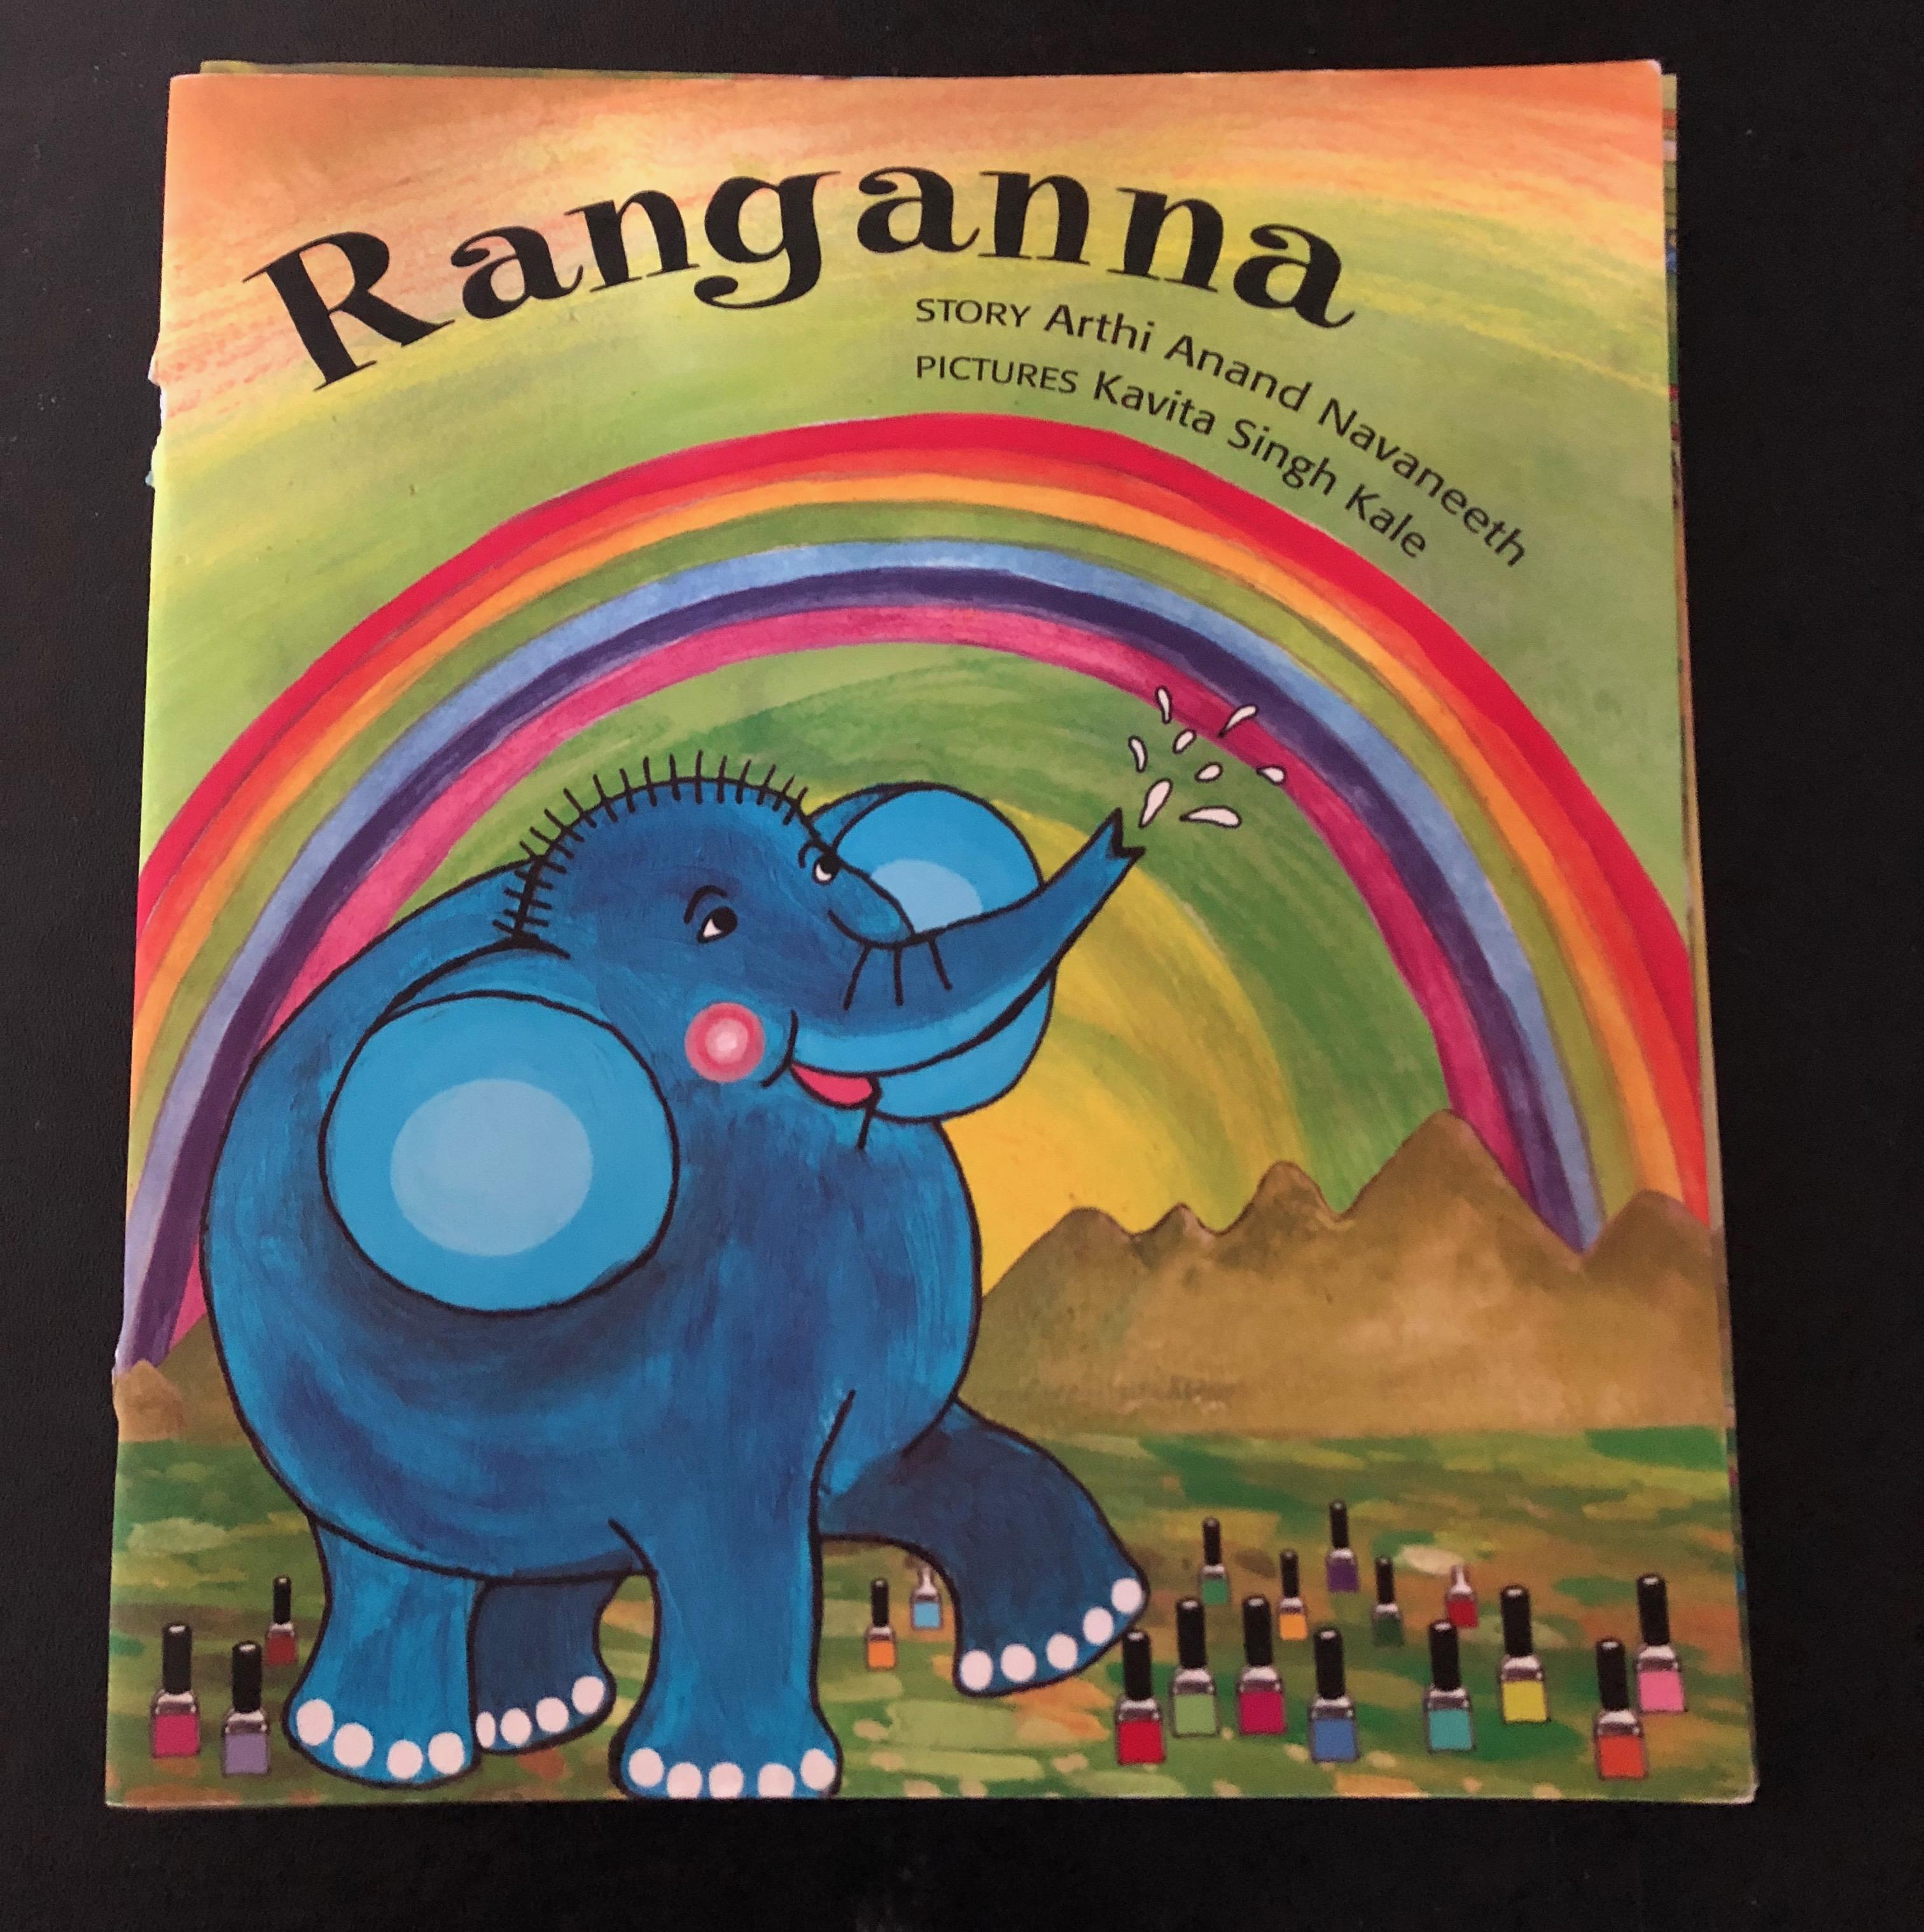 Book Review- Ranganna